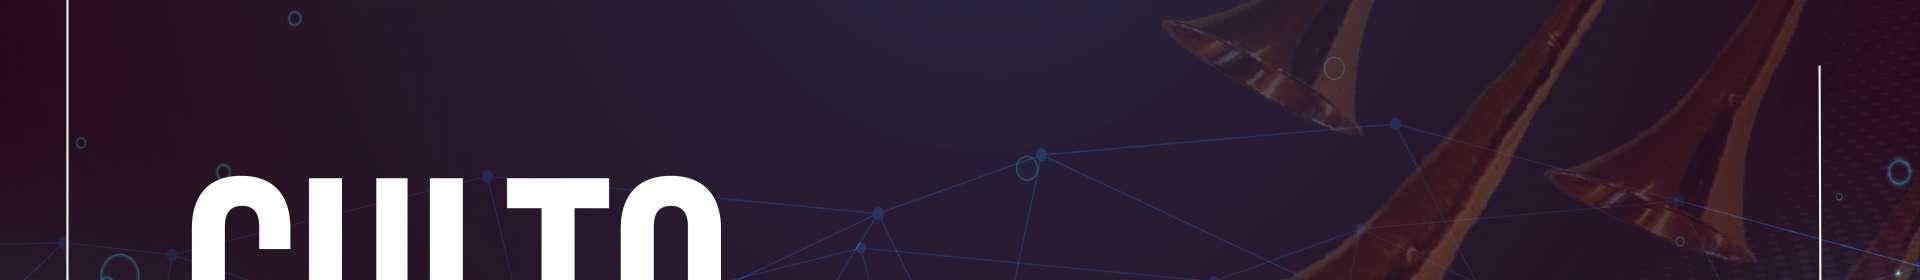 Culto via satélite exibido em 10/11/2019